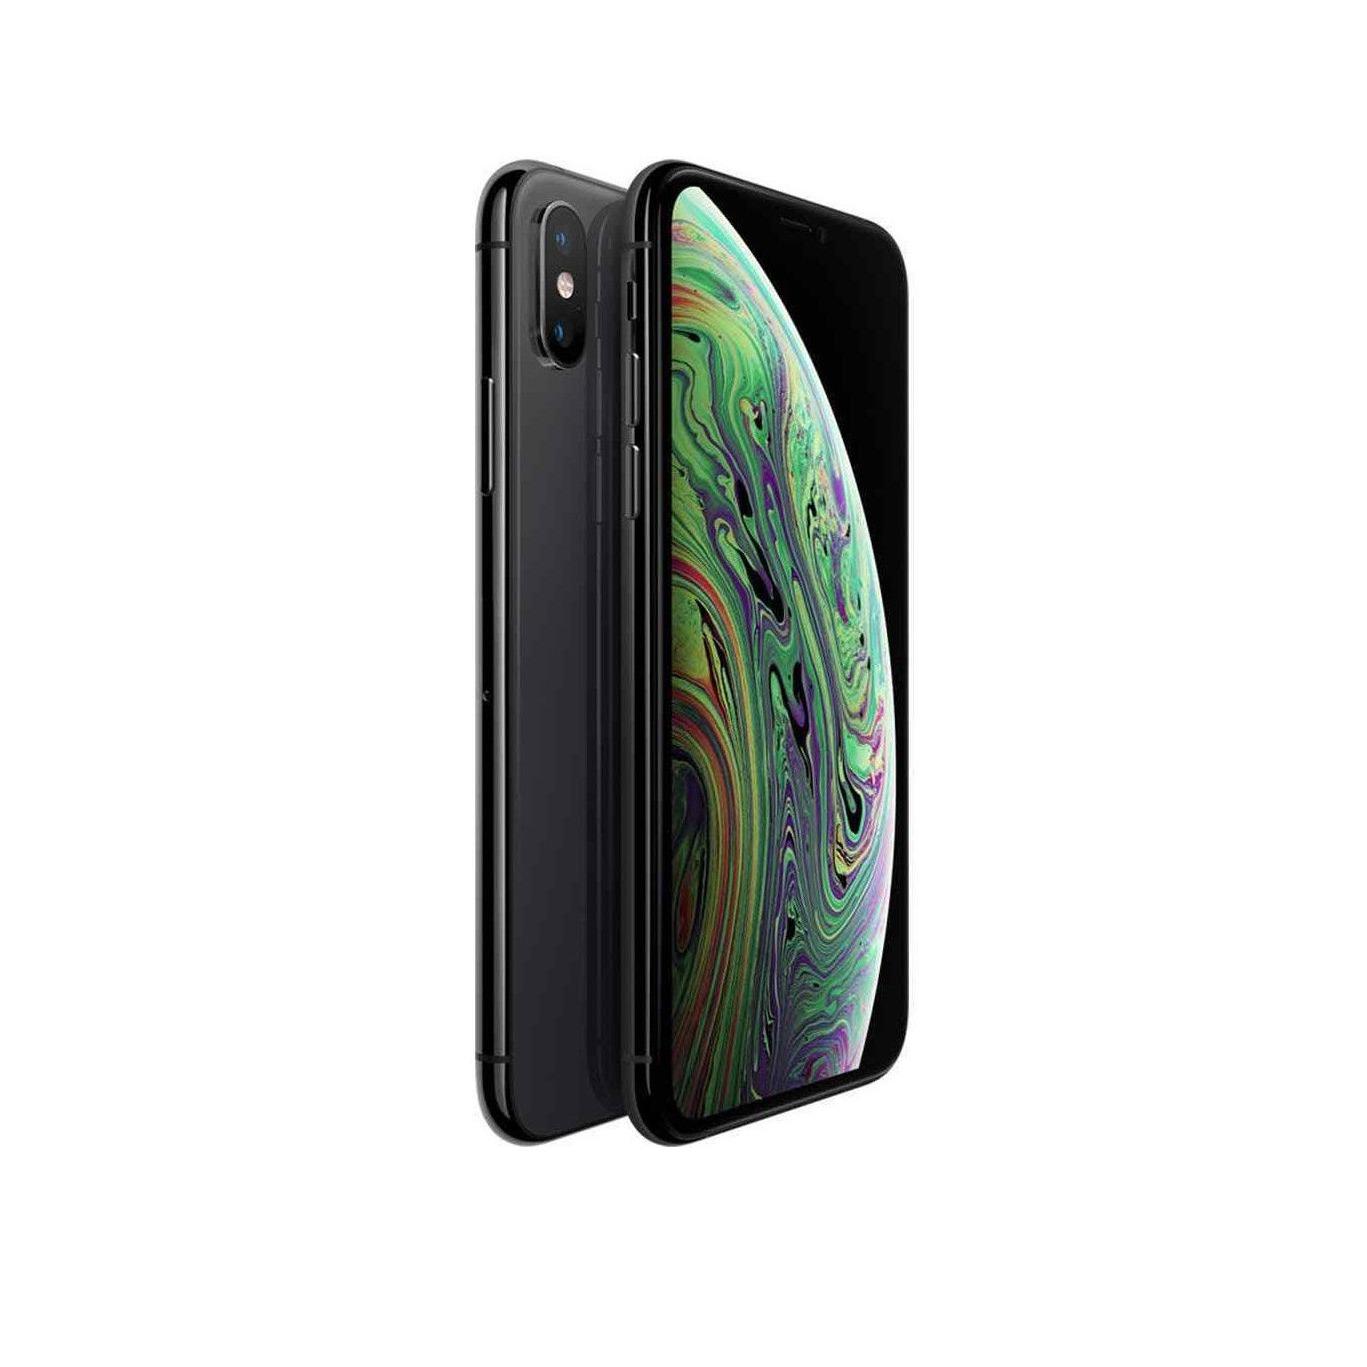 史低价:Apple iPhone XS Max 多尺寸多色可选 手慢无!